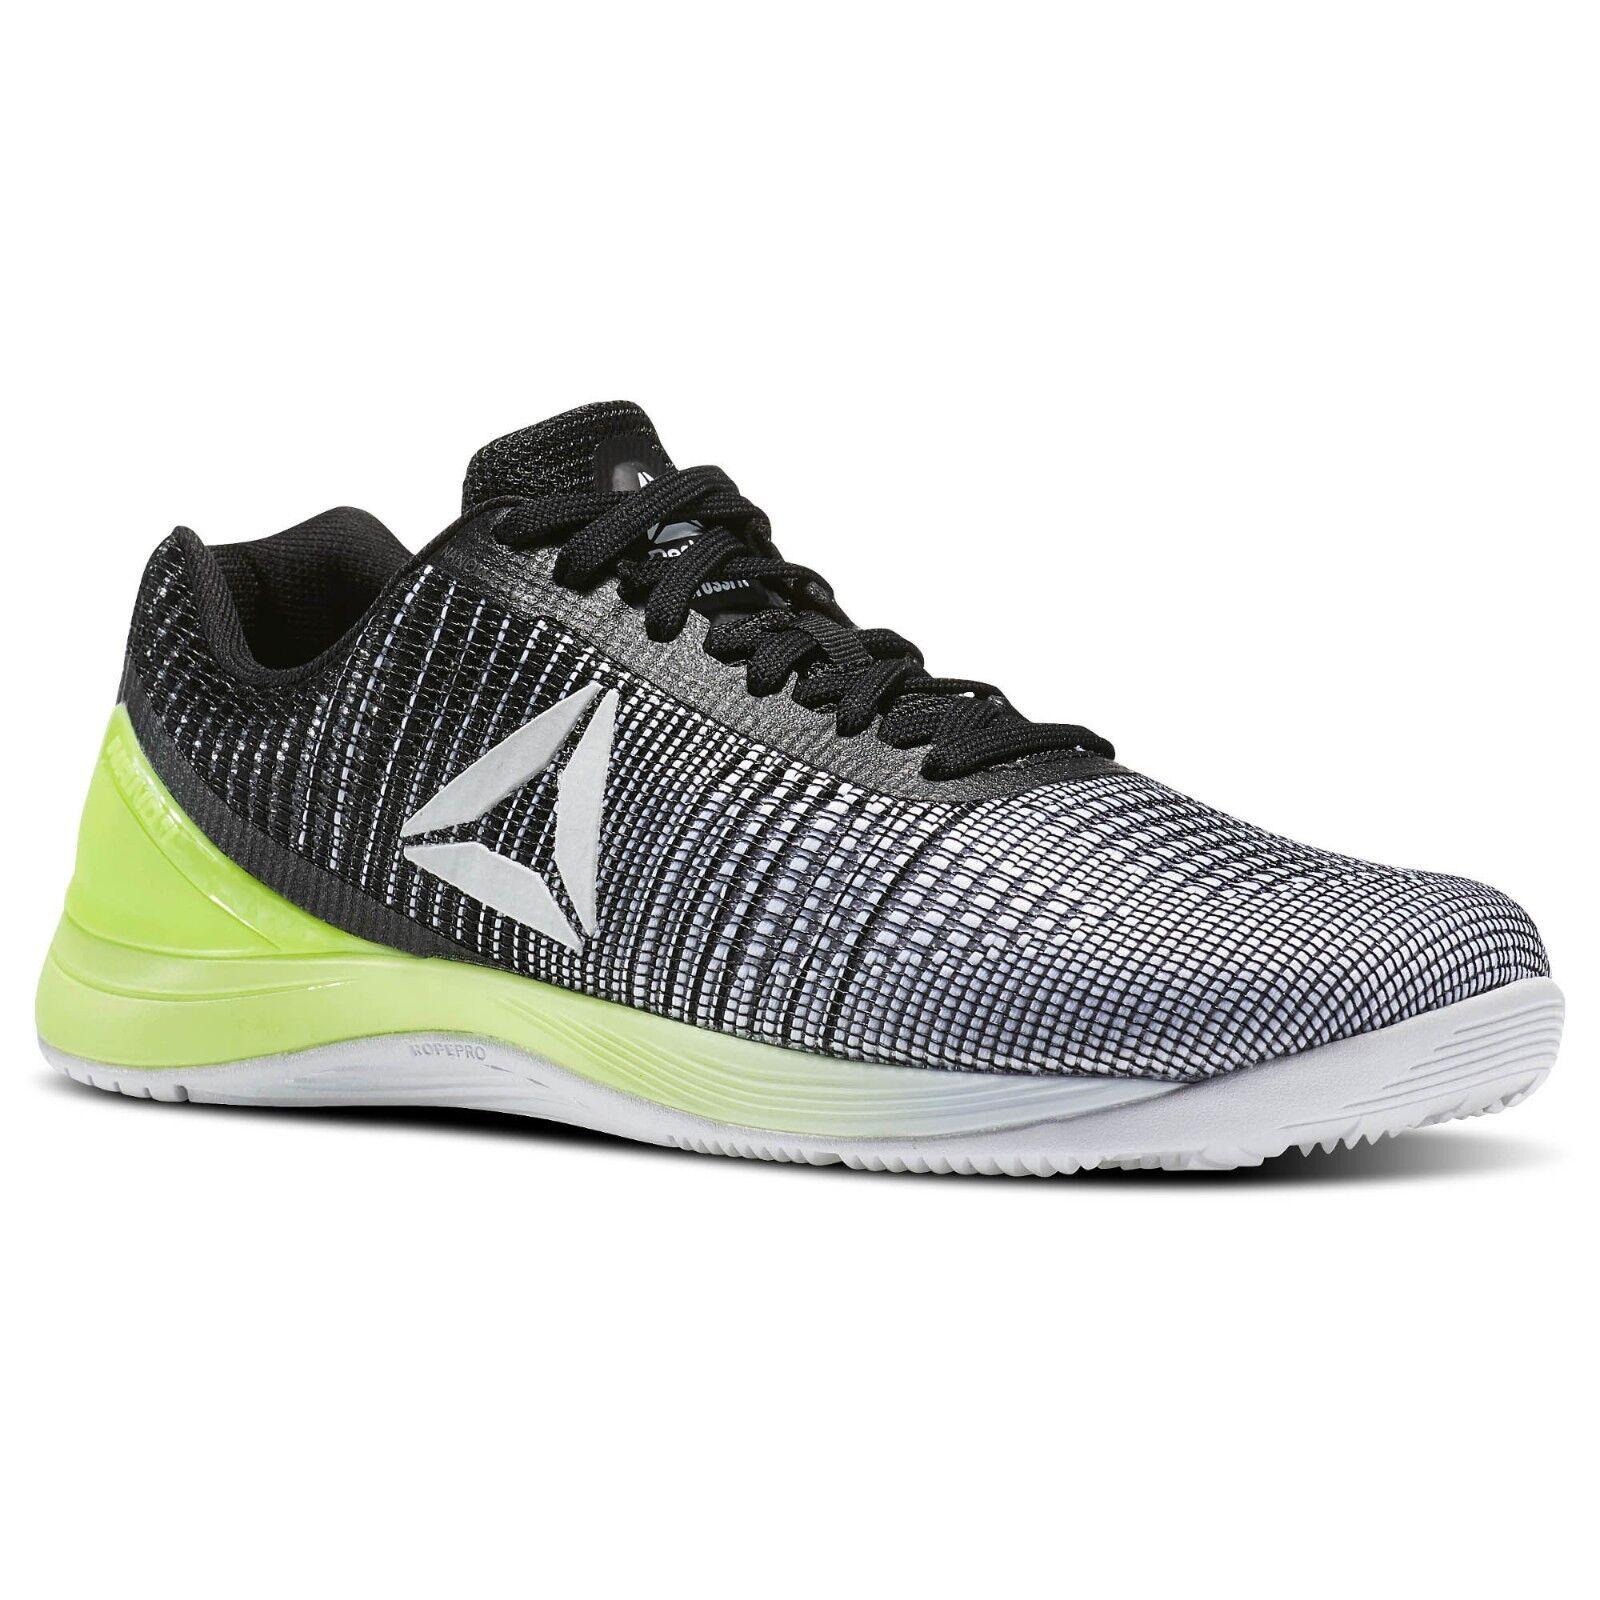 Reebok Men's CrossFit Nano 7 Weave Training Sneakers BS8290 Size 7